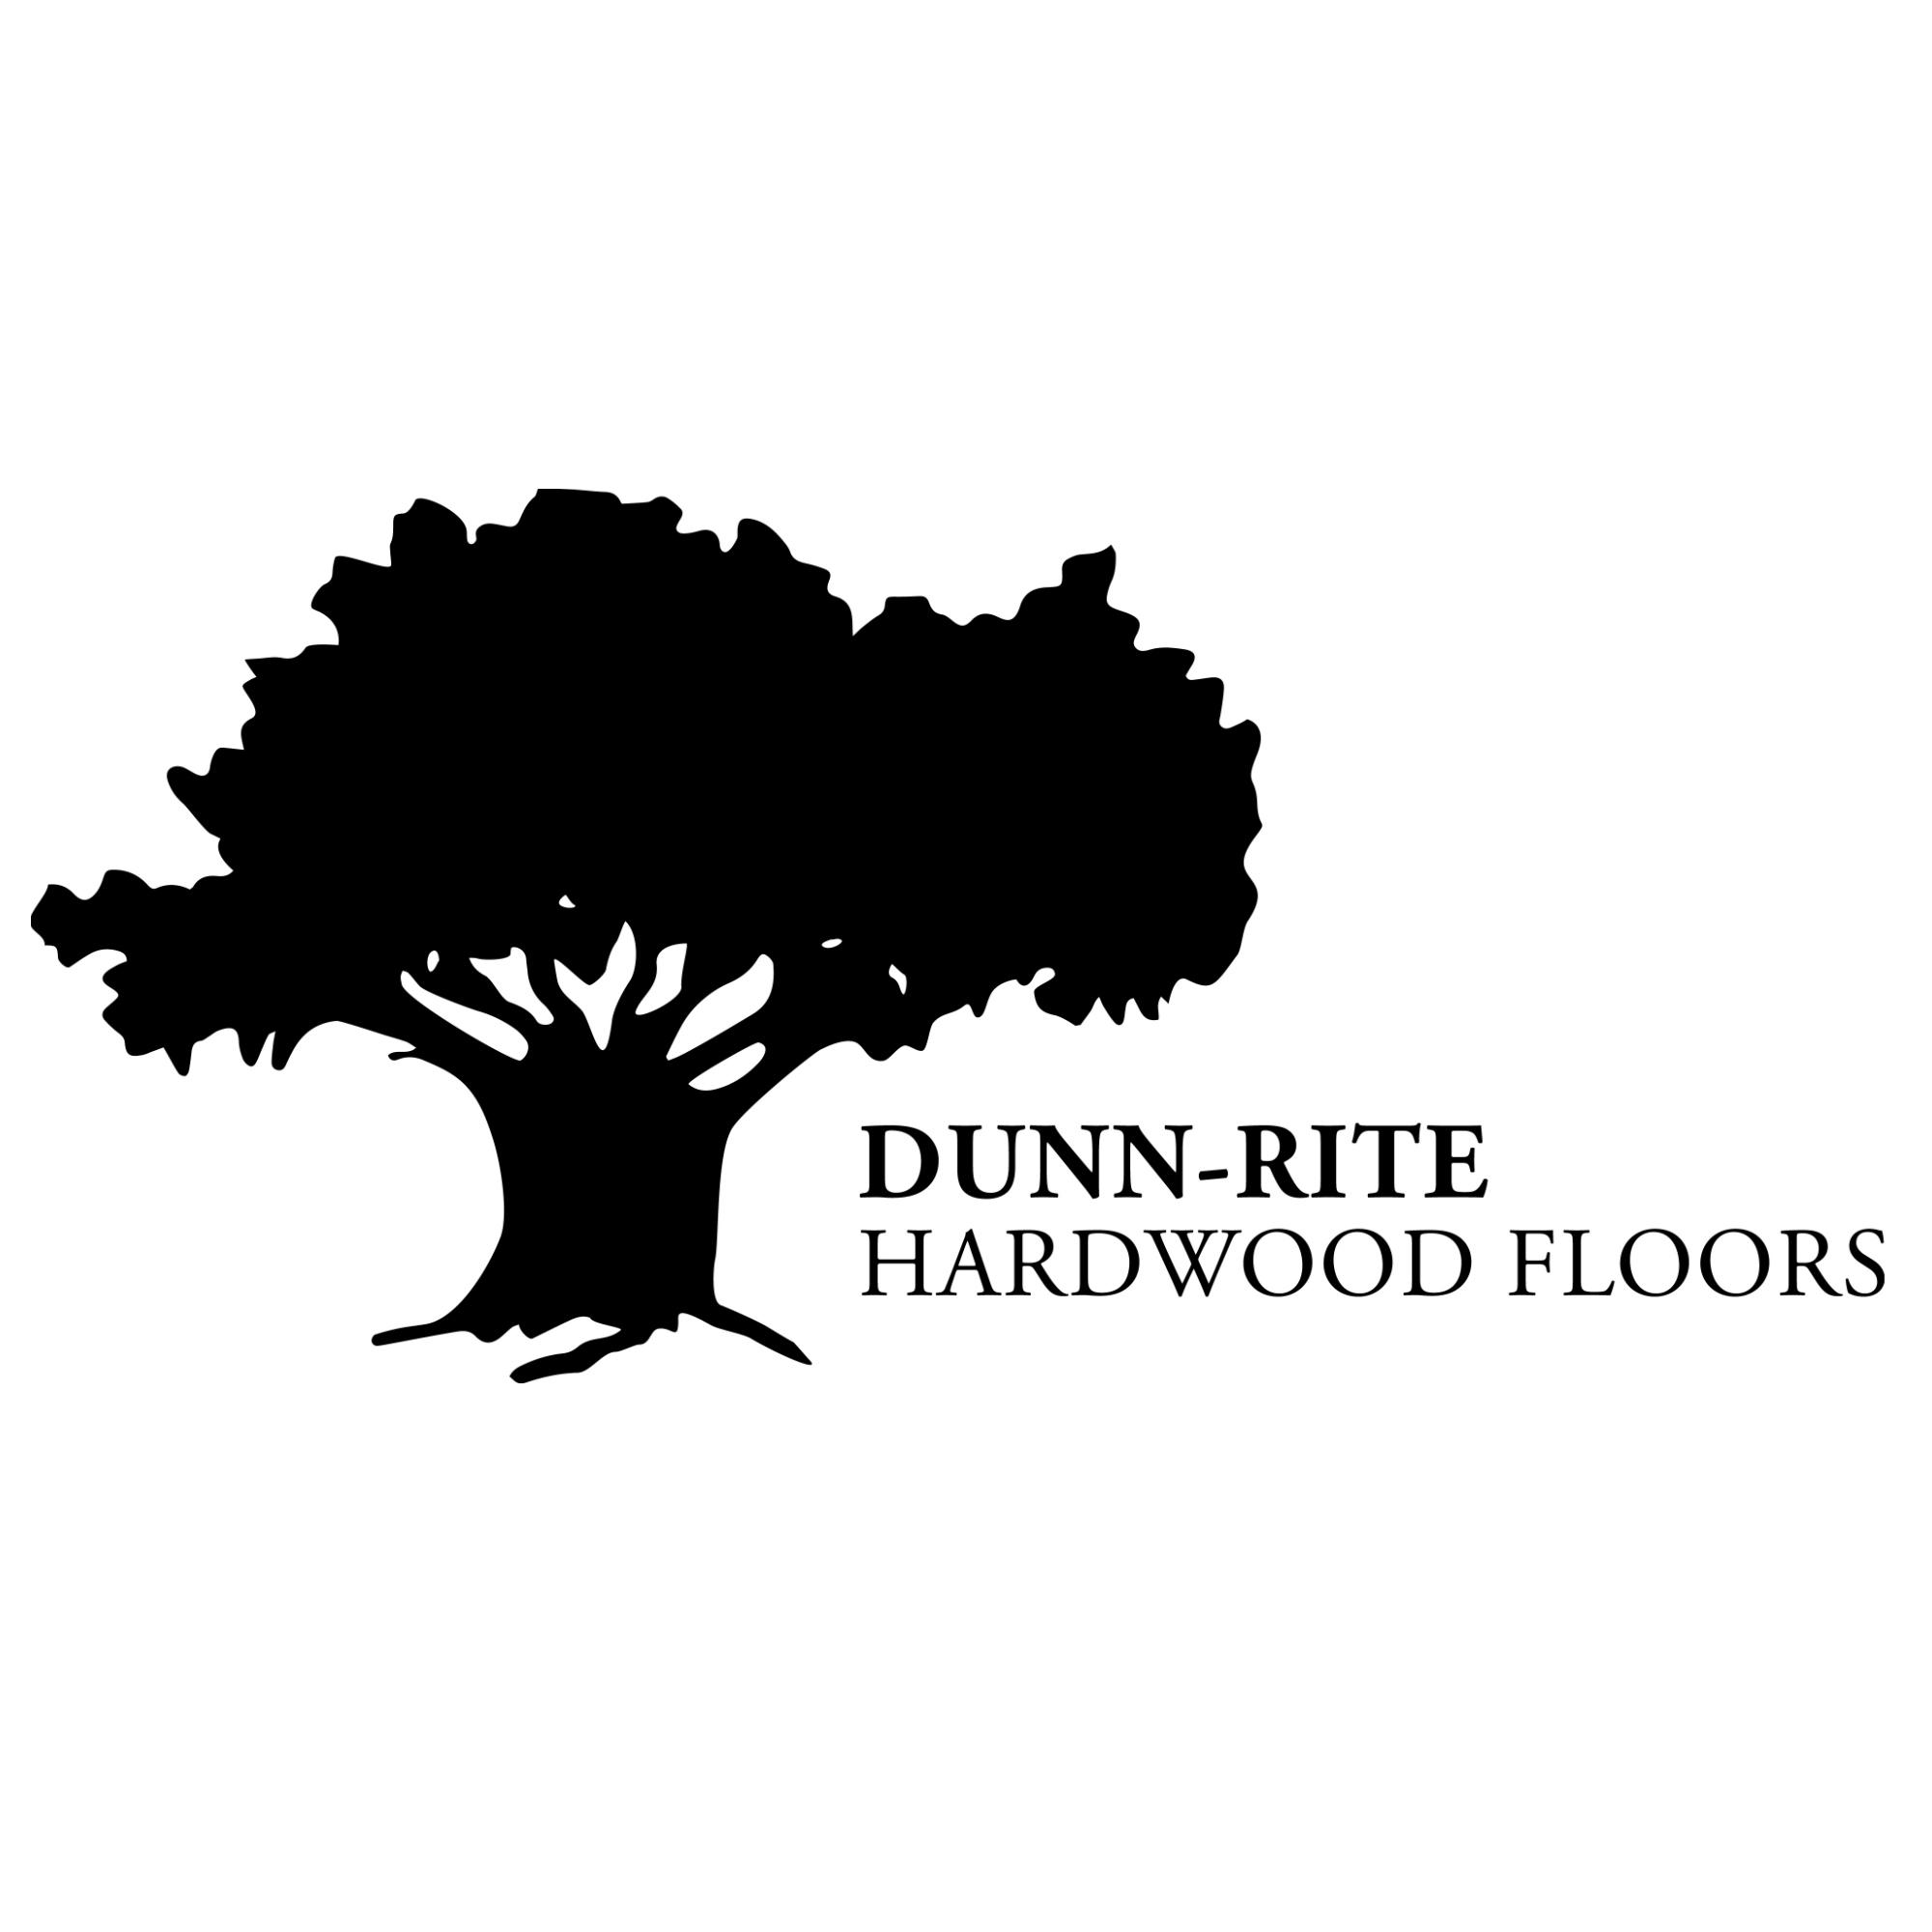 Dunn-Rite Hardwood Floors